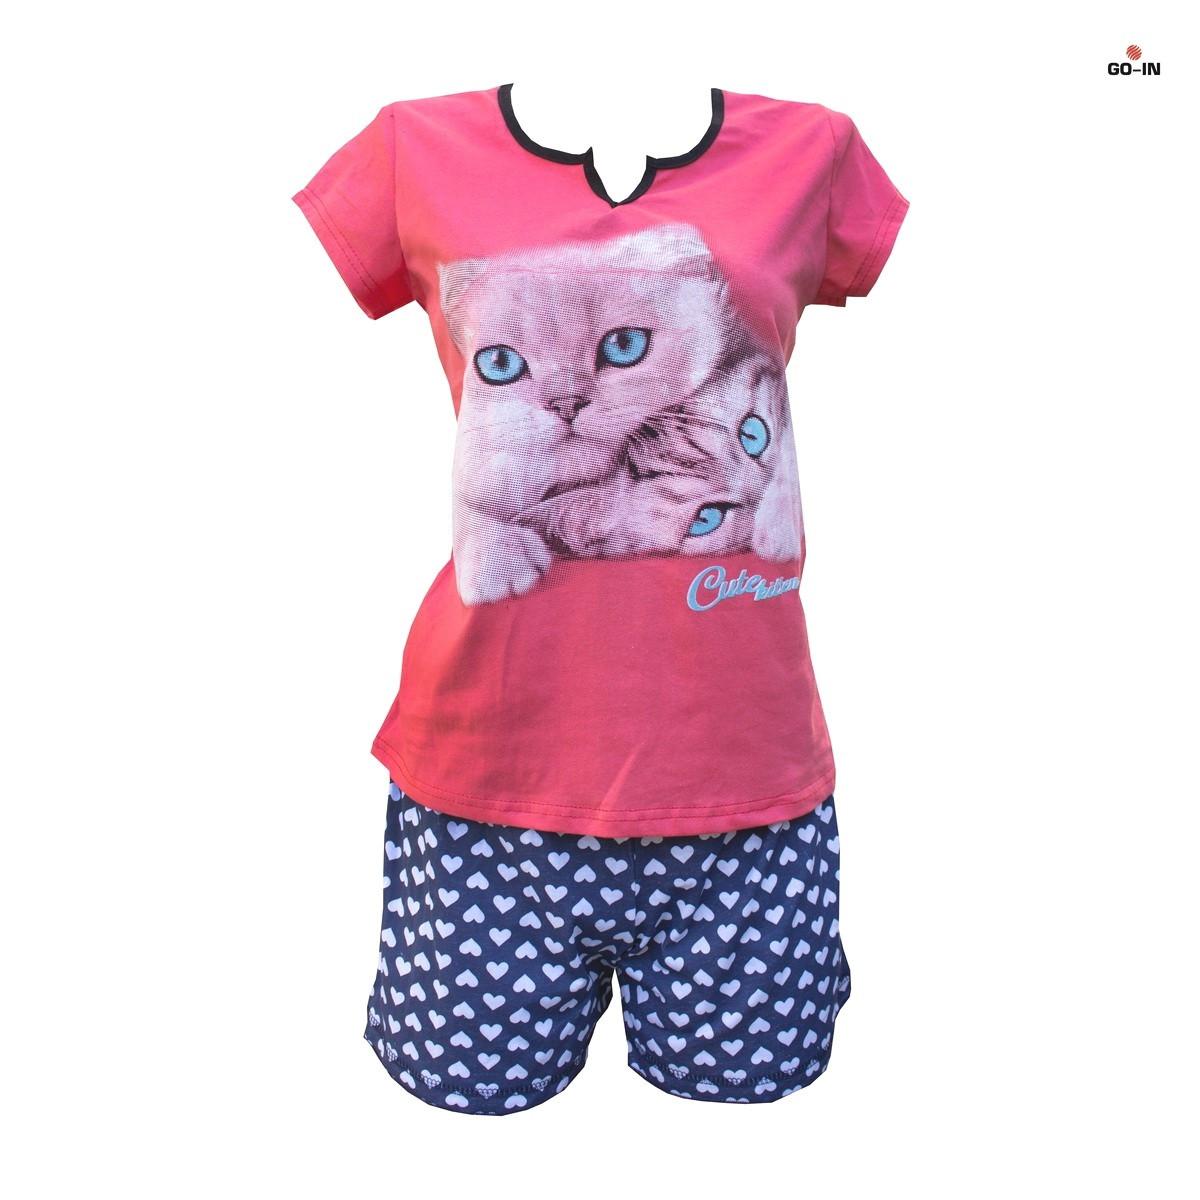 Женская пижама шорты и футболка с котиком 52-54 р. кулир